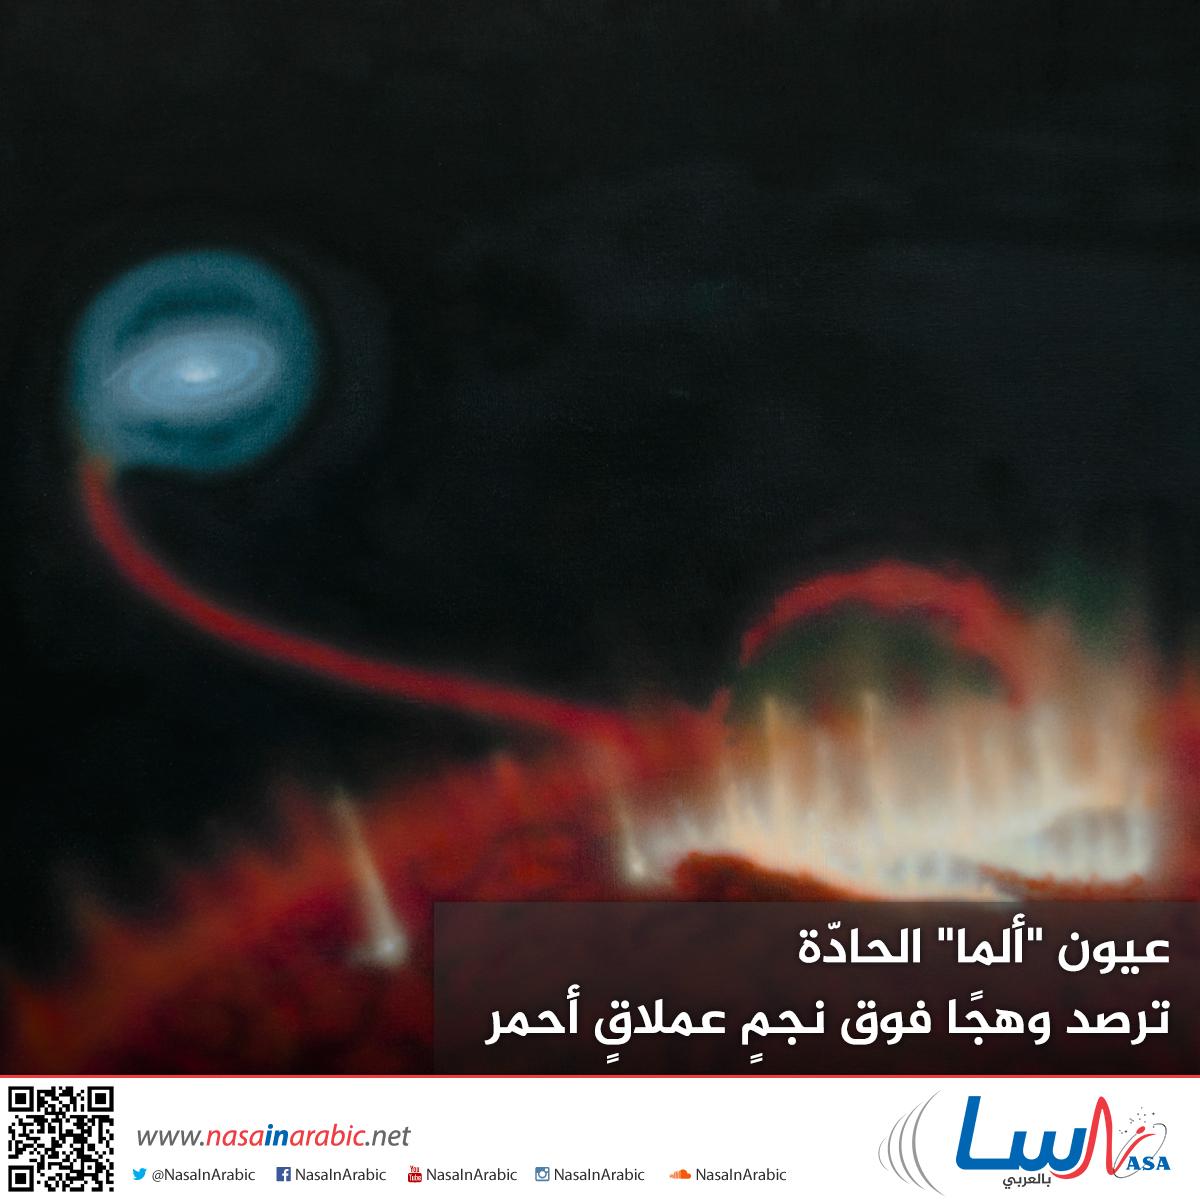 عيون ألما الحادّة، ترصد وهجًا فوق نجمٍ عملاقٍ أحمر